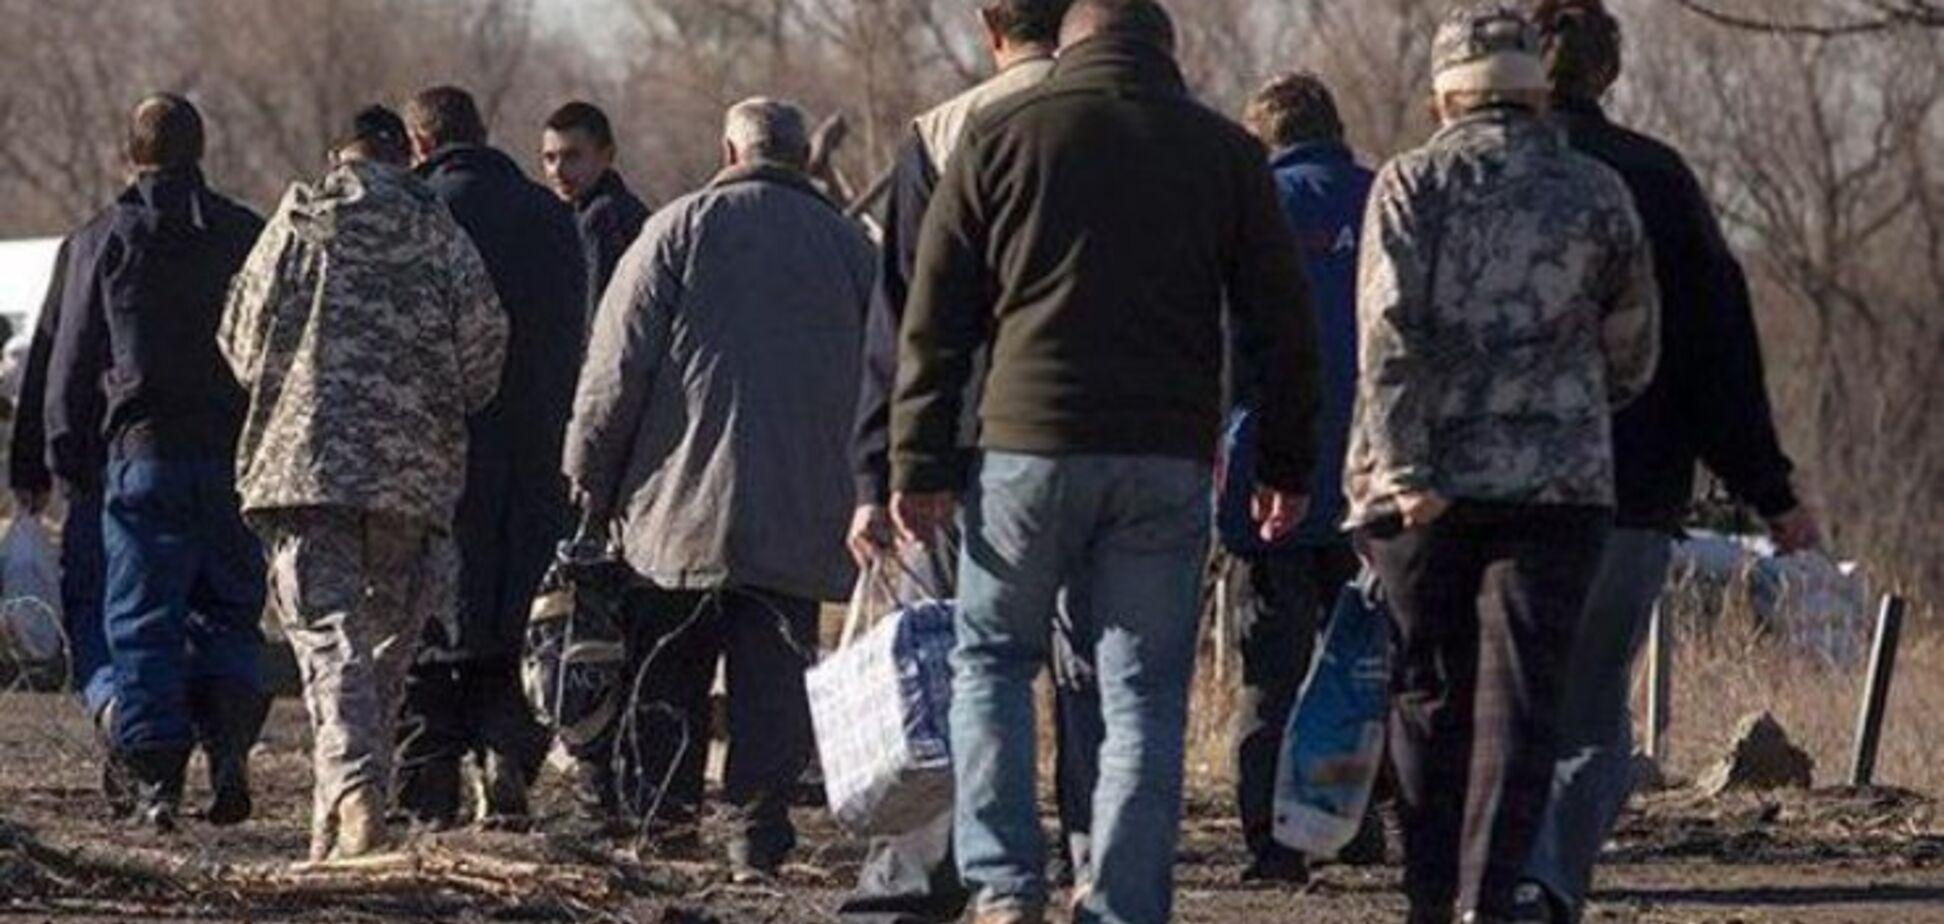 Депутаты будут защищать заложников: что предлагают